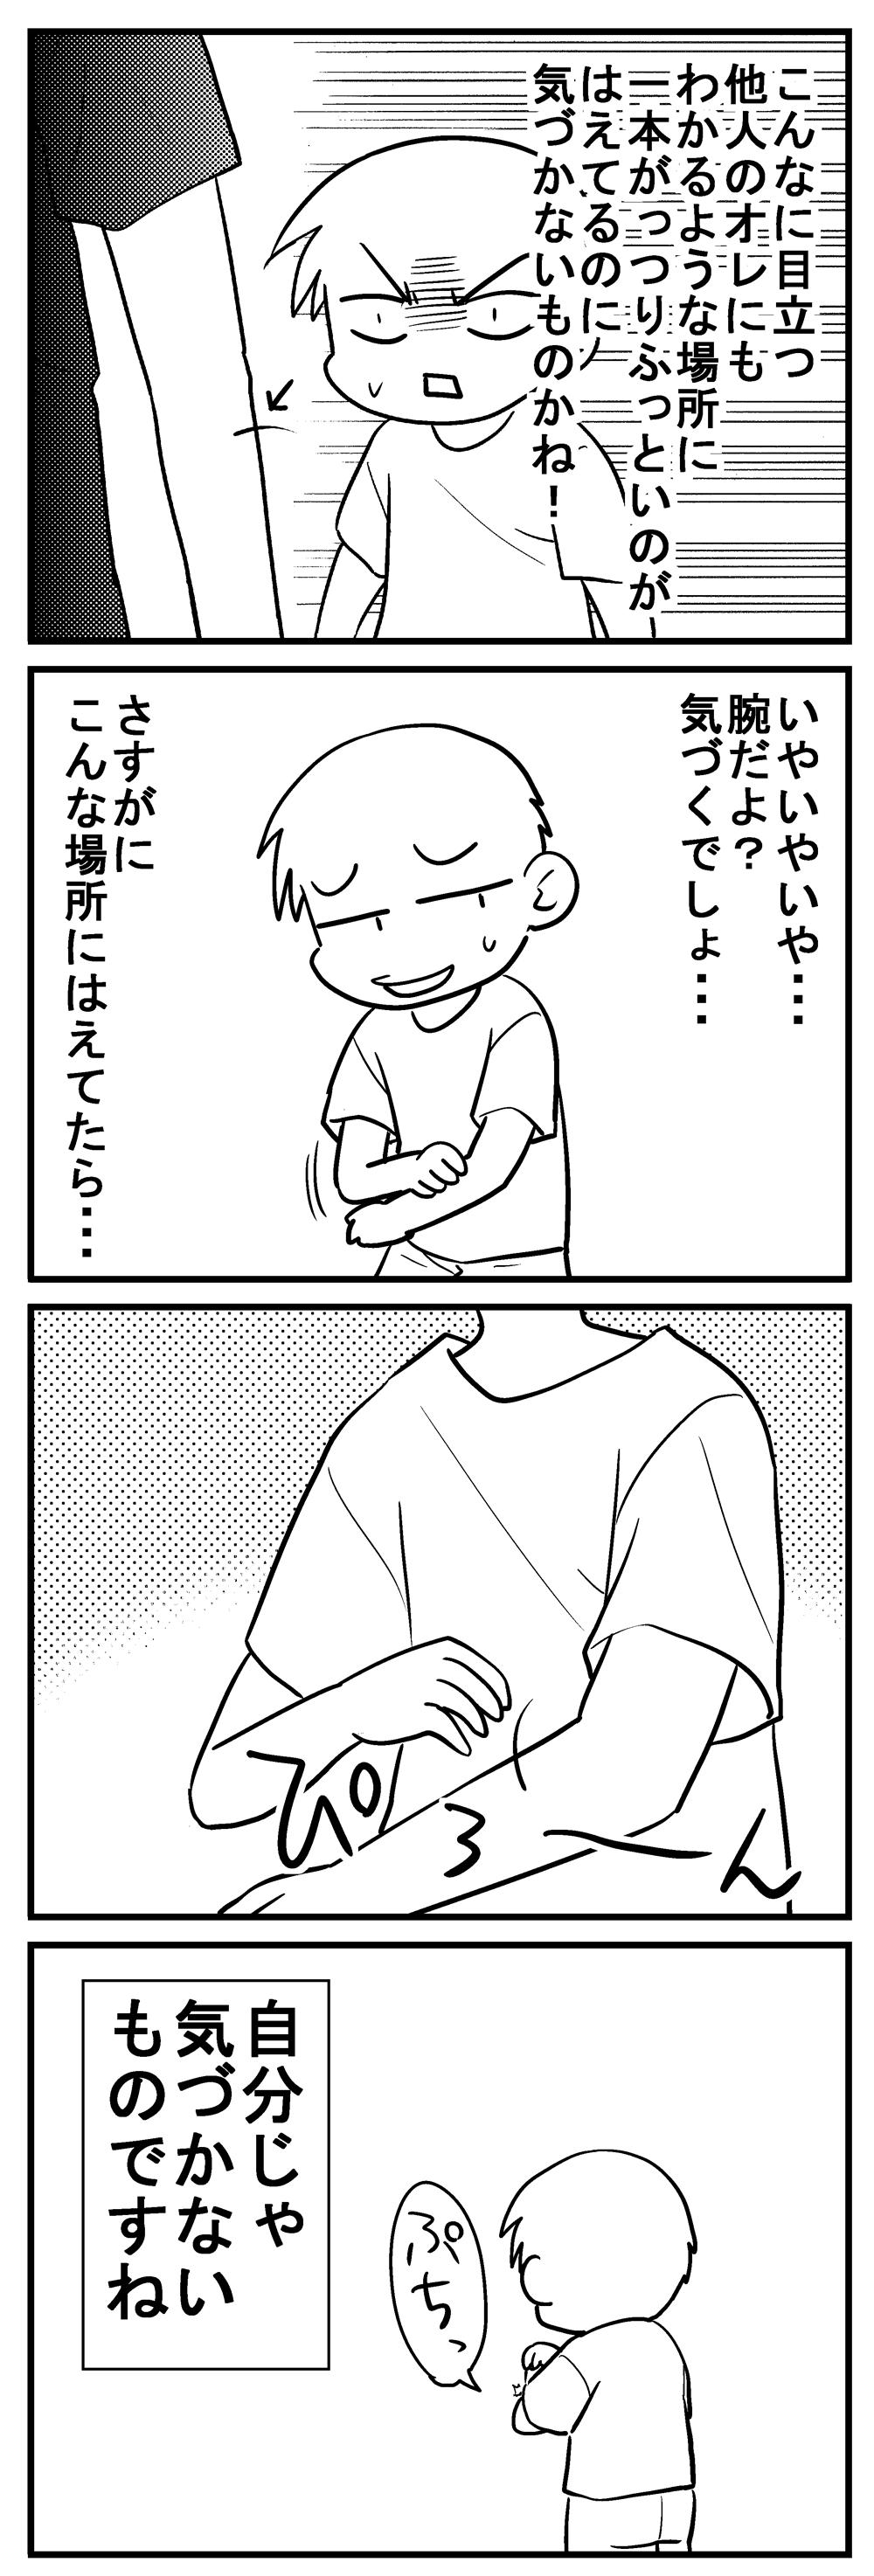 深読みくん66-4